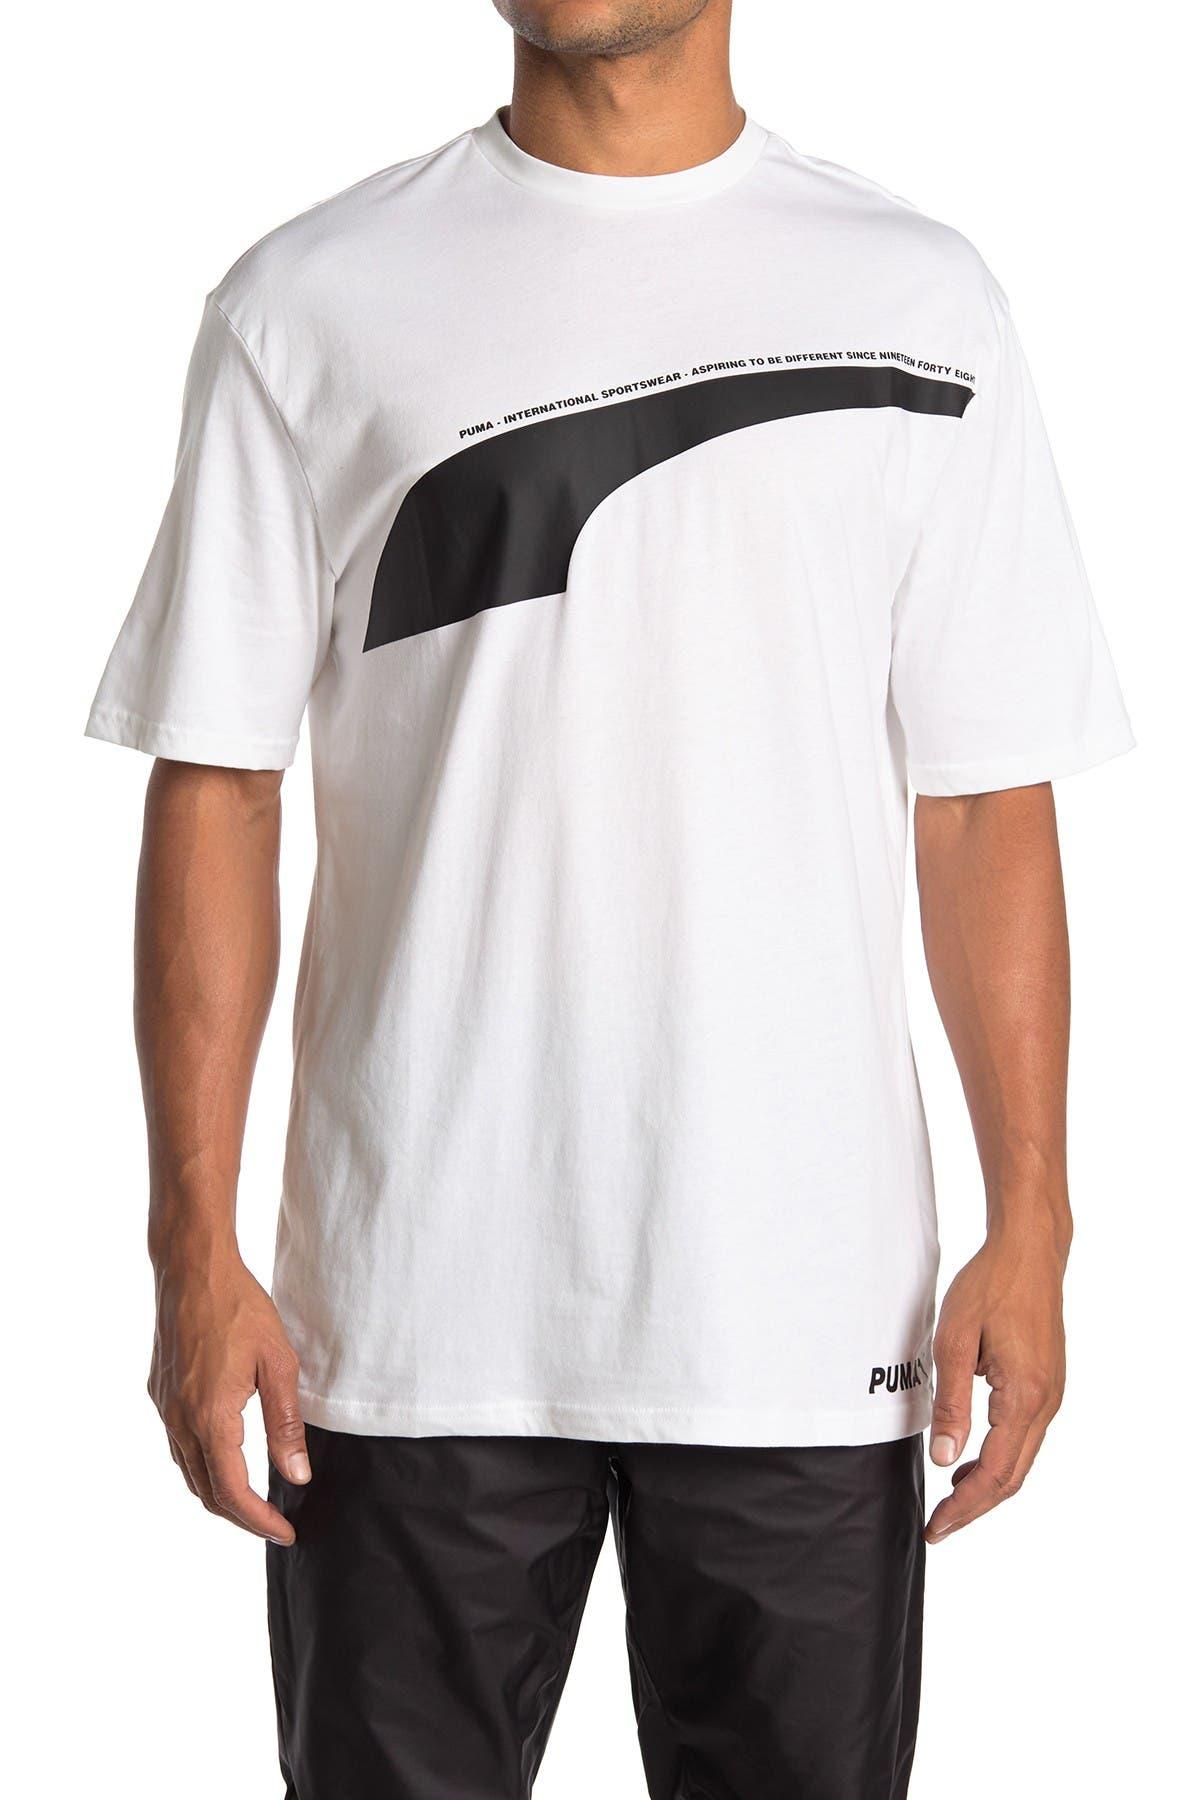 Image of PUMA Avenir T-Shirt